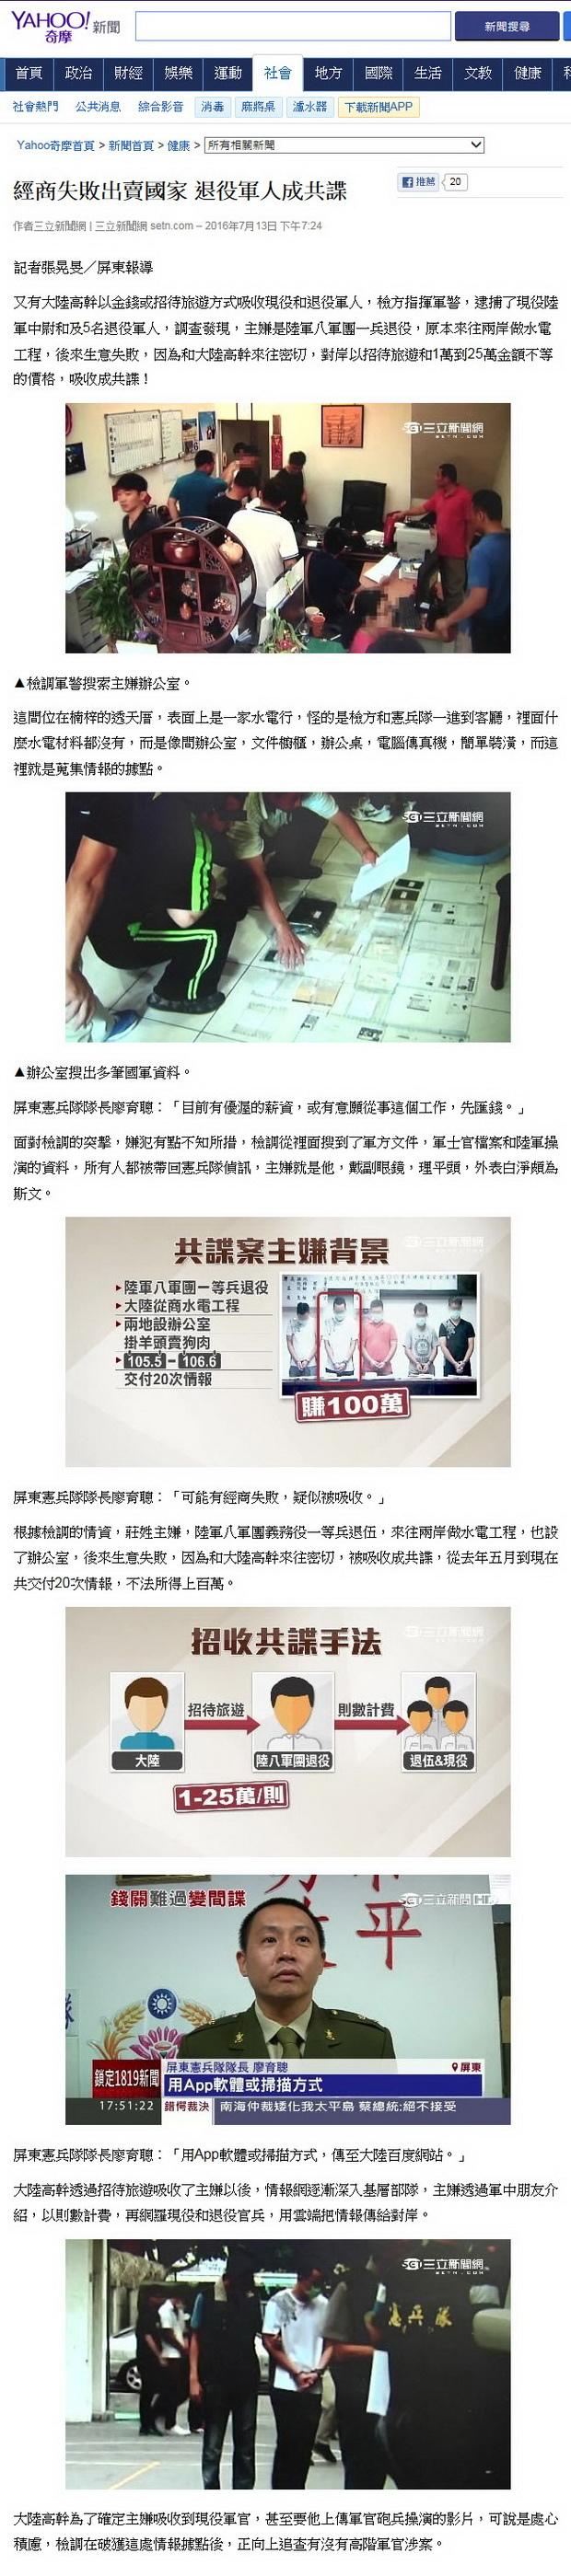 經商失敗出賣國家 退役軍人成共諜-2016.07.13.jpg